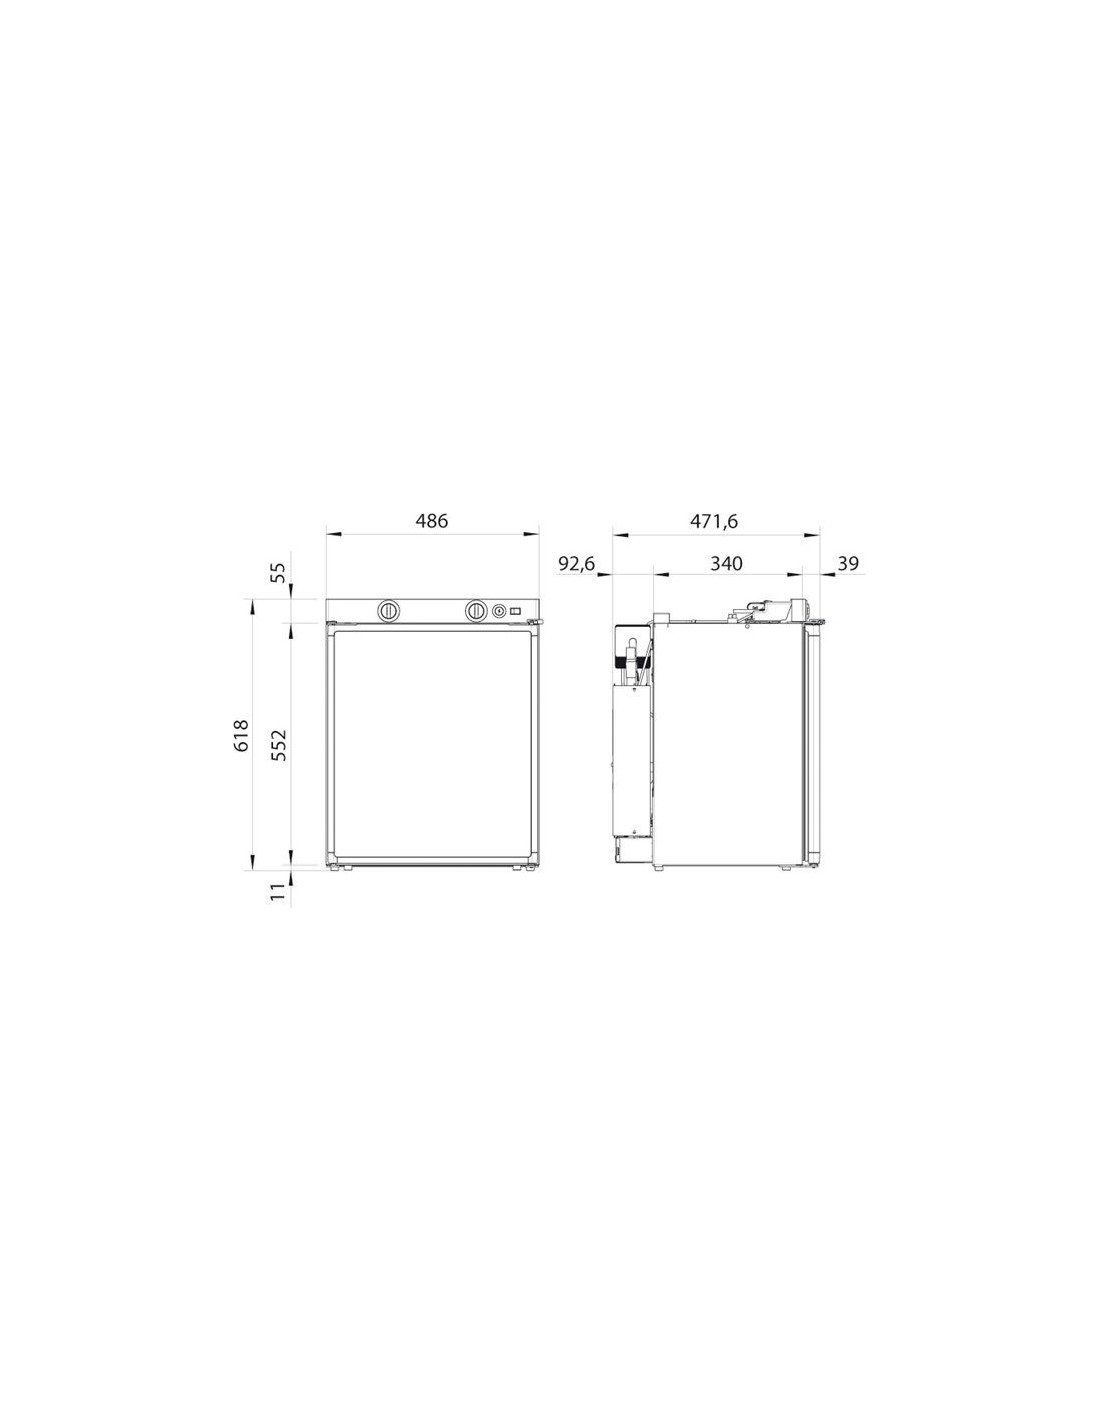 Frigorifero per camper rm 5310 dometic for Dimensioni frigorifero